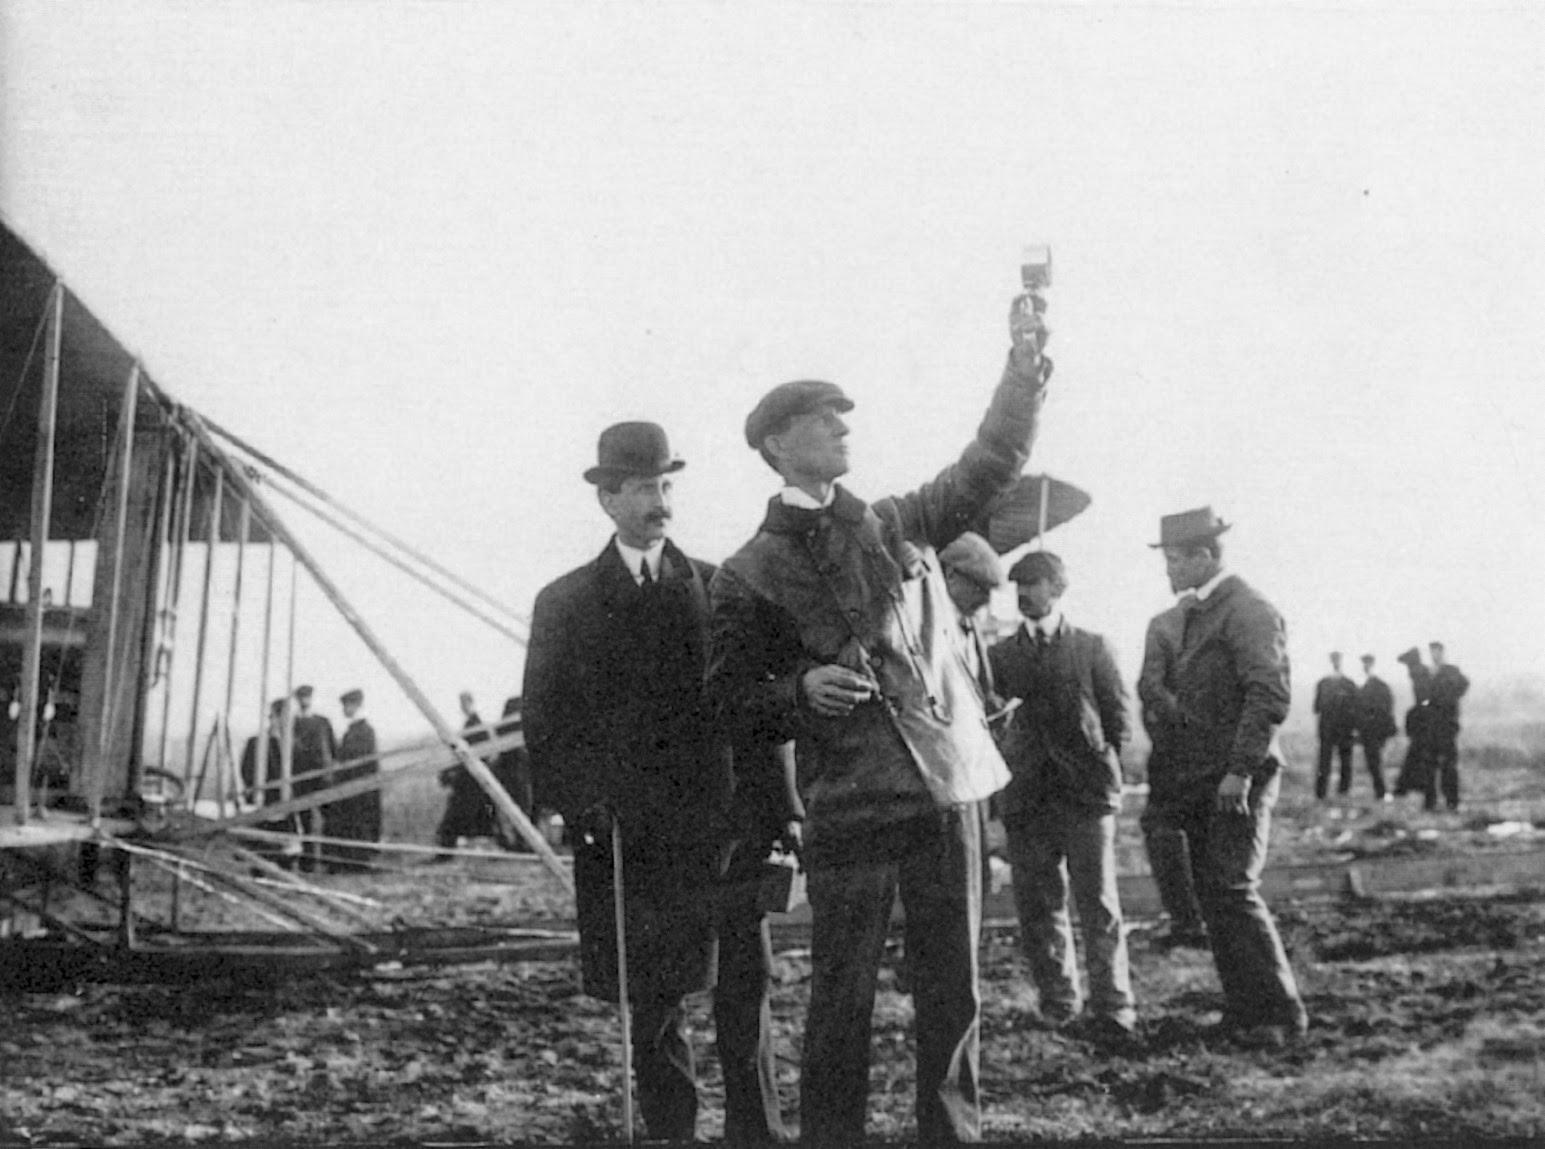 Los primeros vuelos de los Hermanos Wright